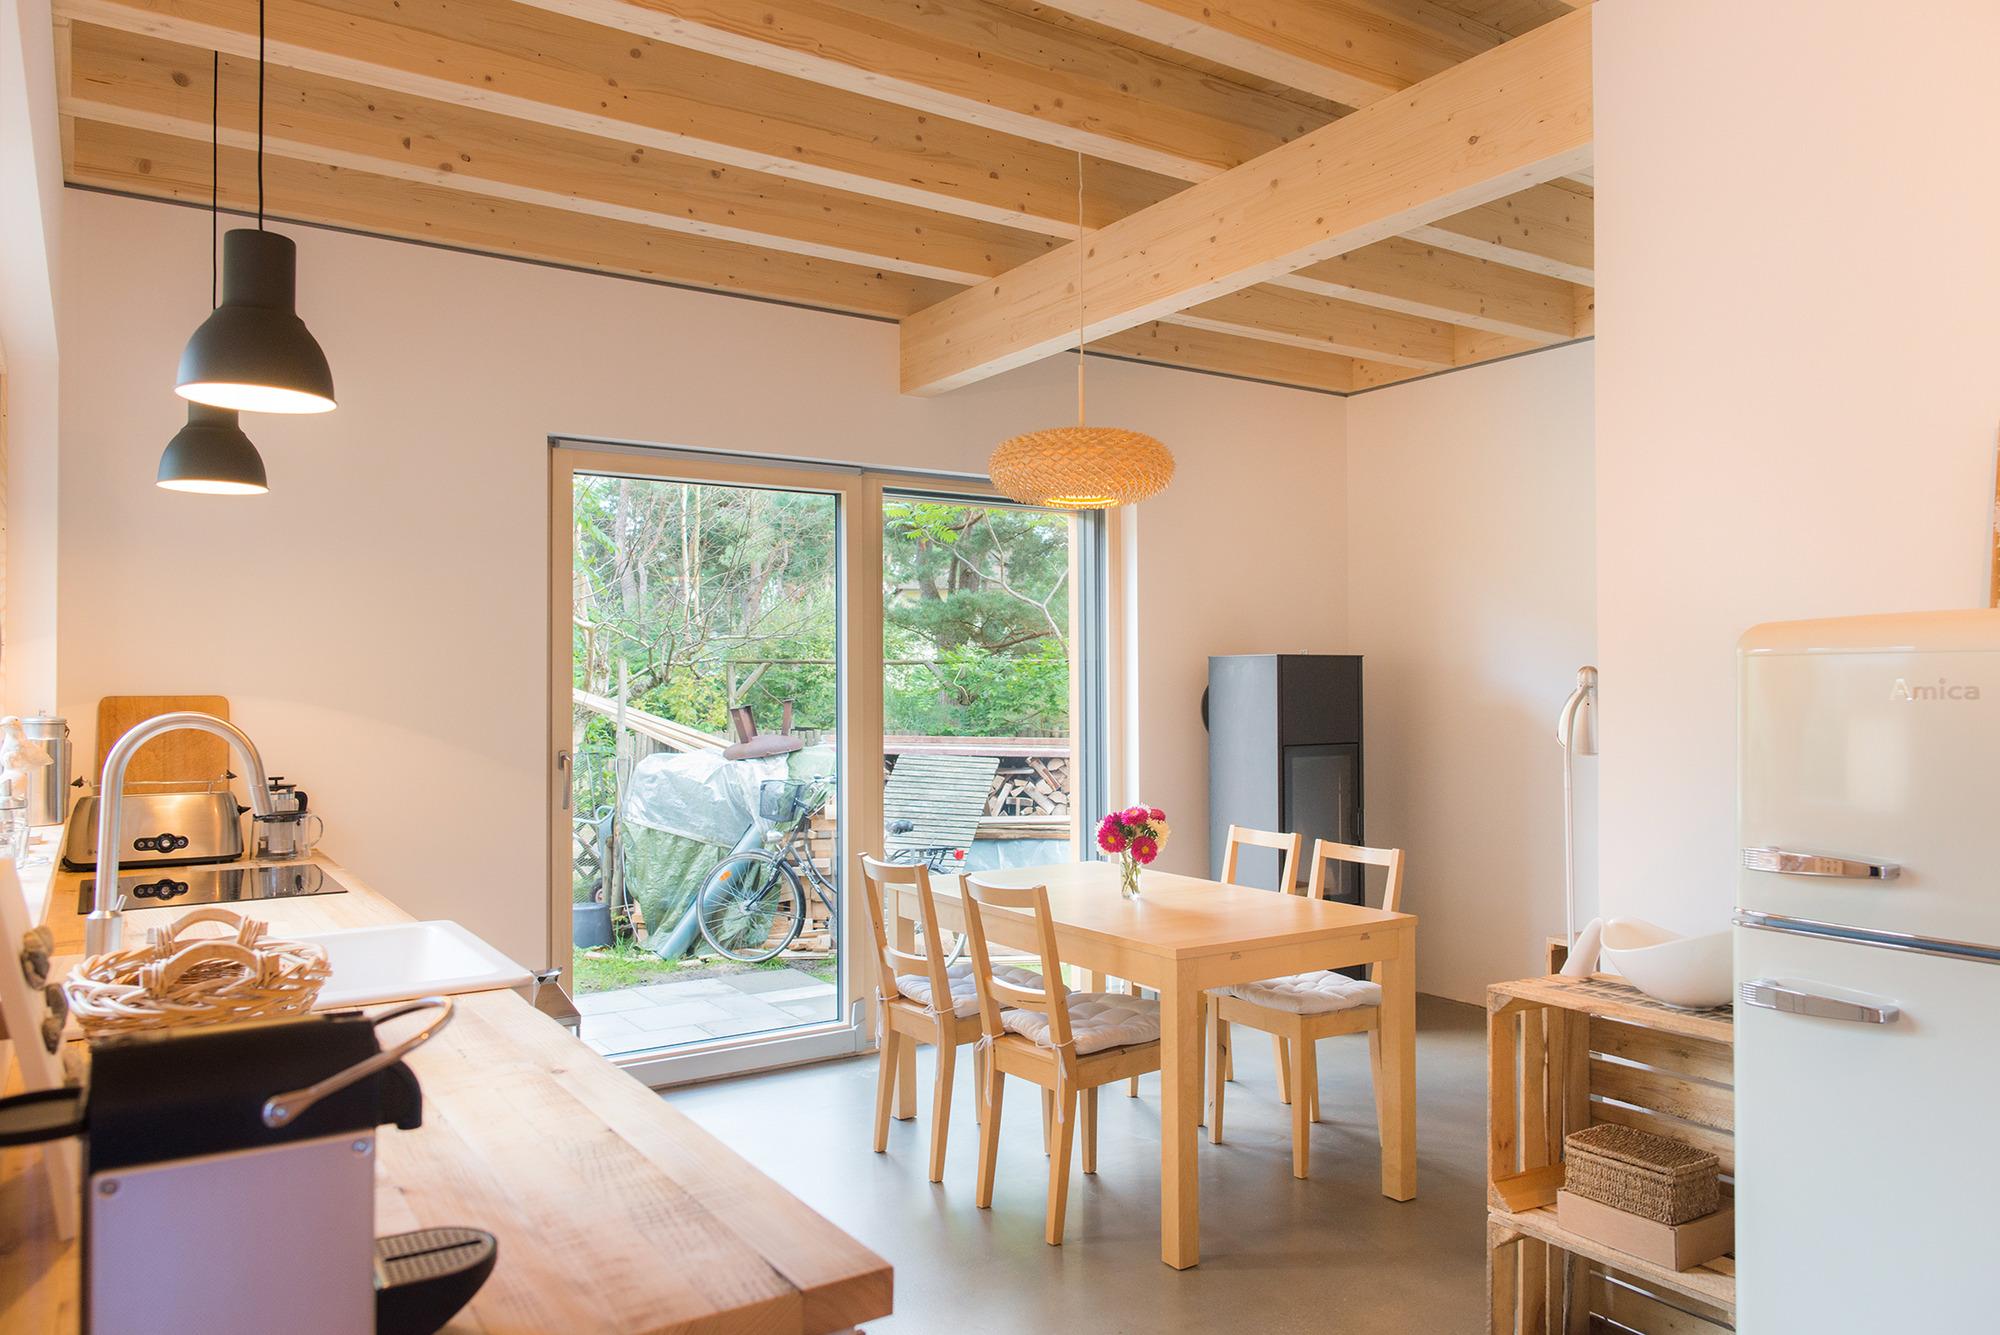 Amica Kühlschrank Edeka : Ferienhaus hinterm strand 55192 dierhagen 70m² ferienhaus für 4